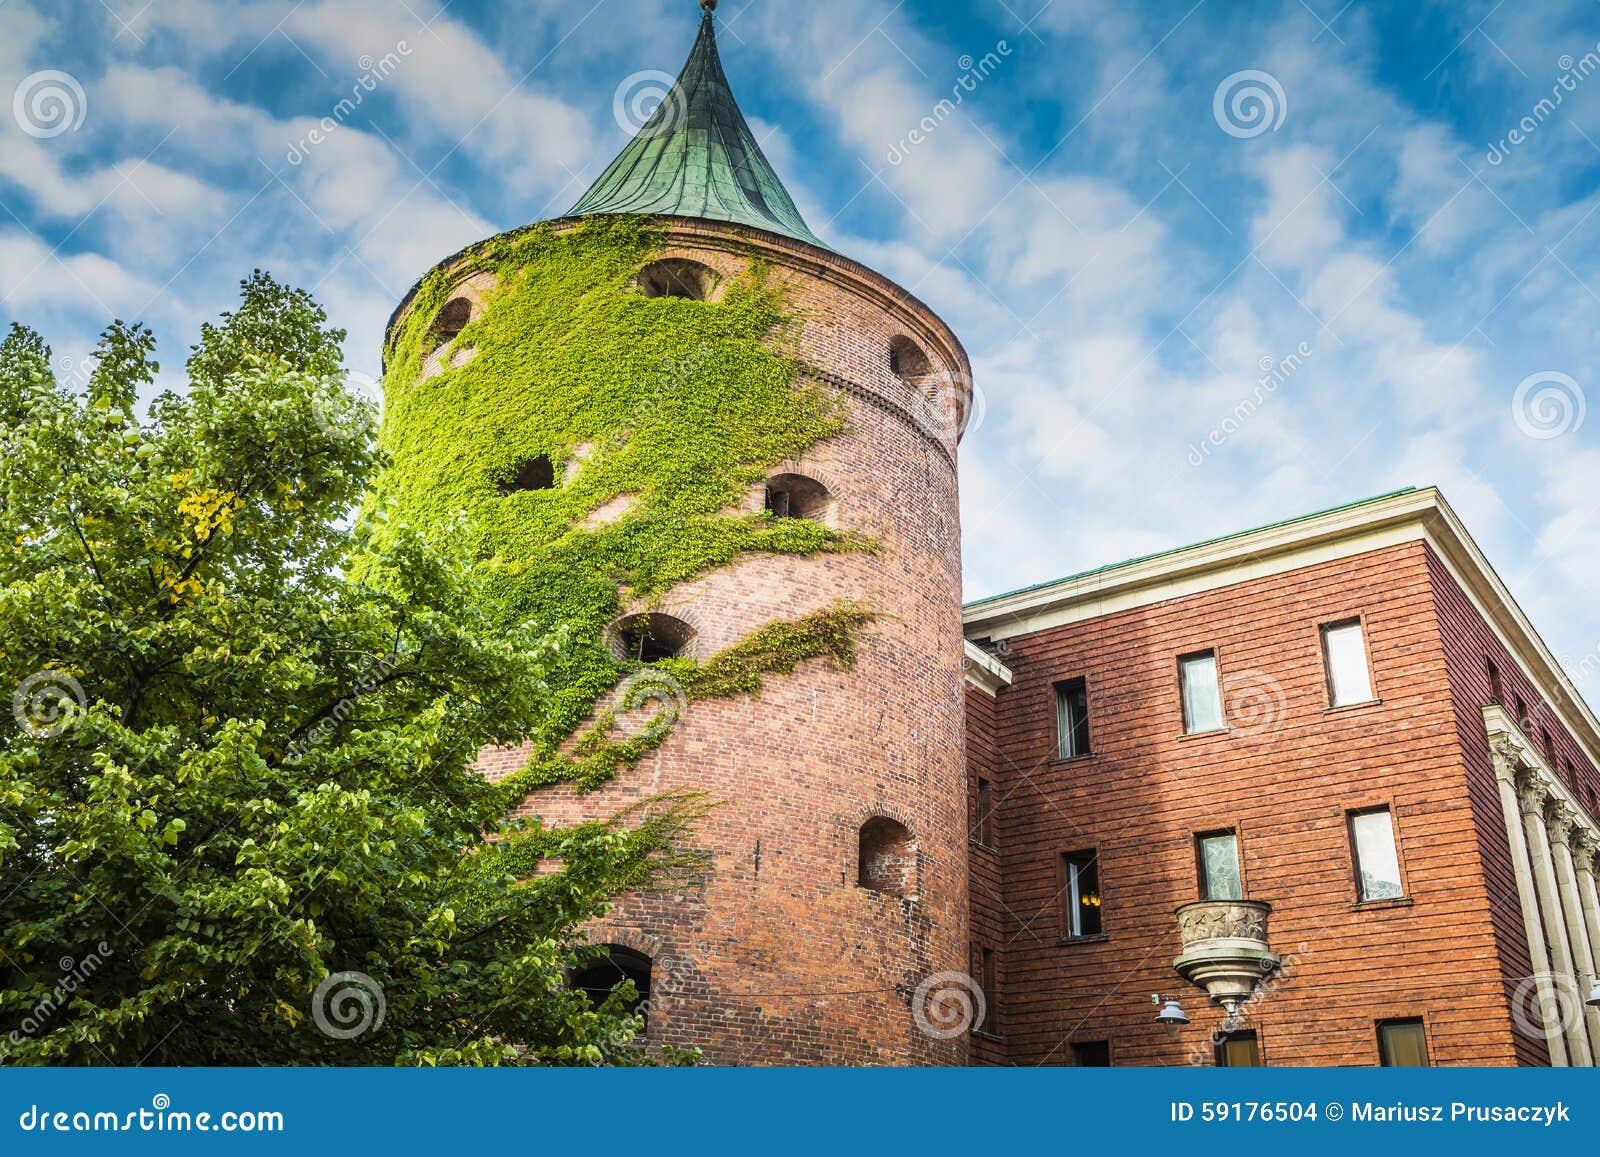 粉末塔(Pulvertornis,大约XIV c ) 在里加,拉脱维亚 从那以后